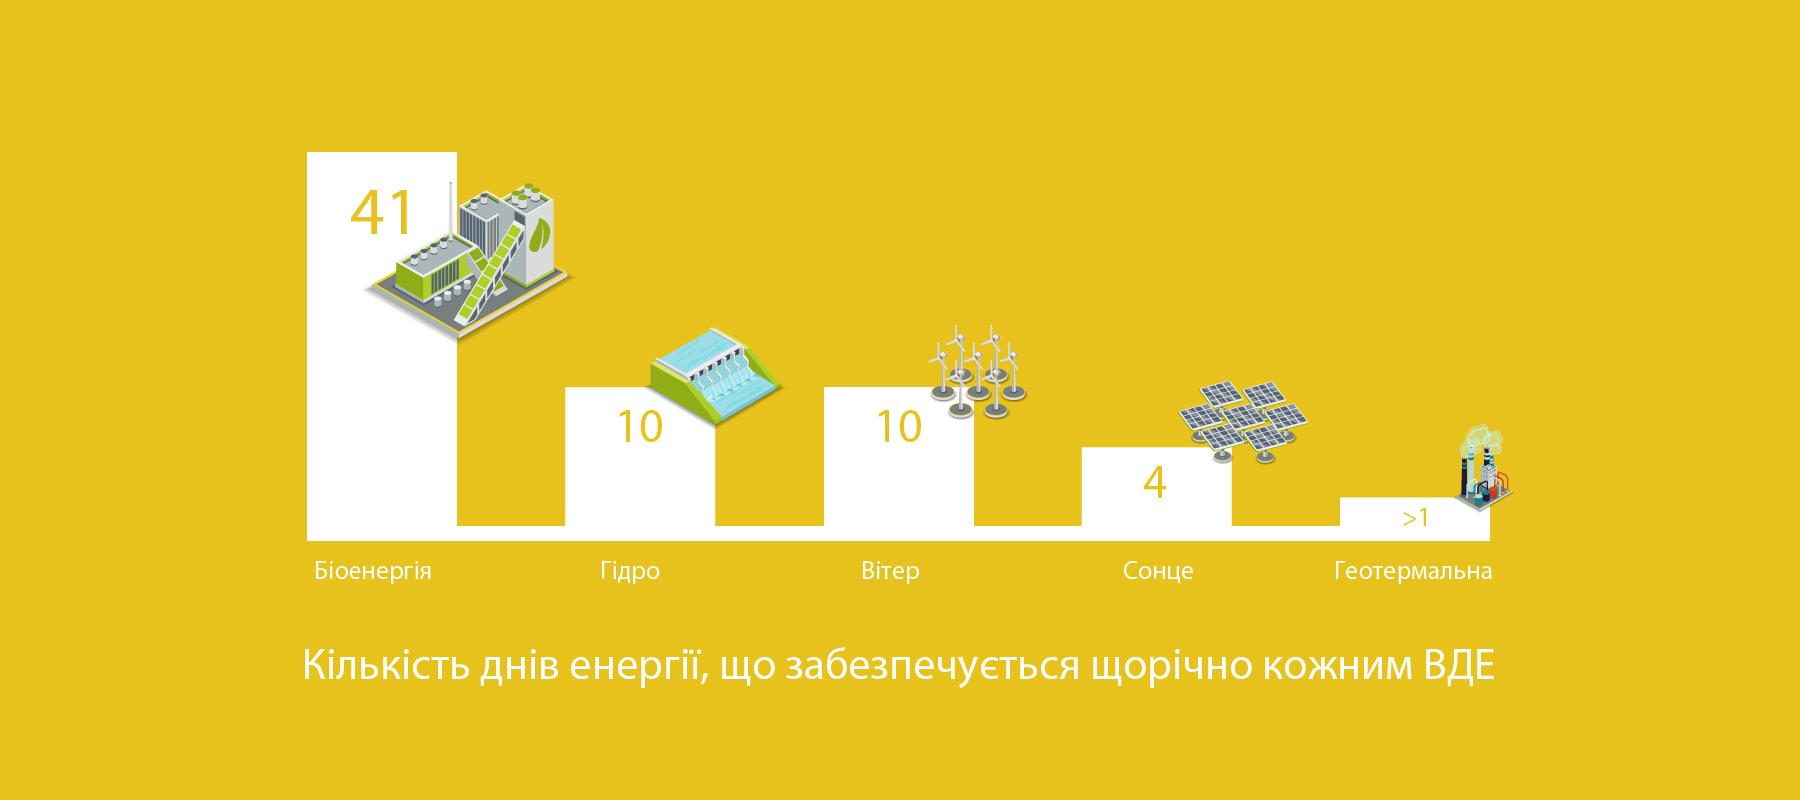 Кількість днів енергії що забезпечуються щорічно кожним ВДЕ